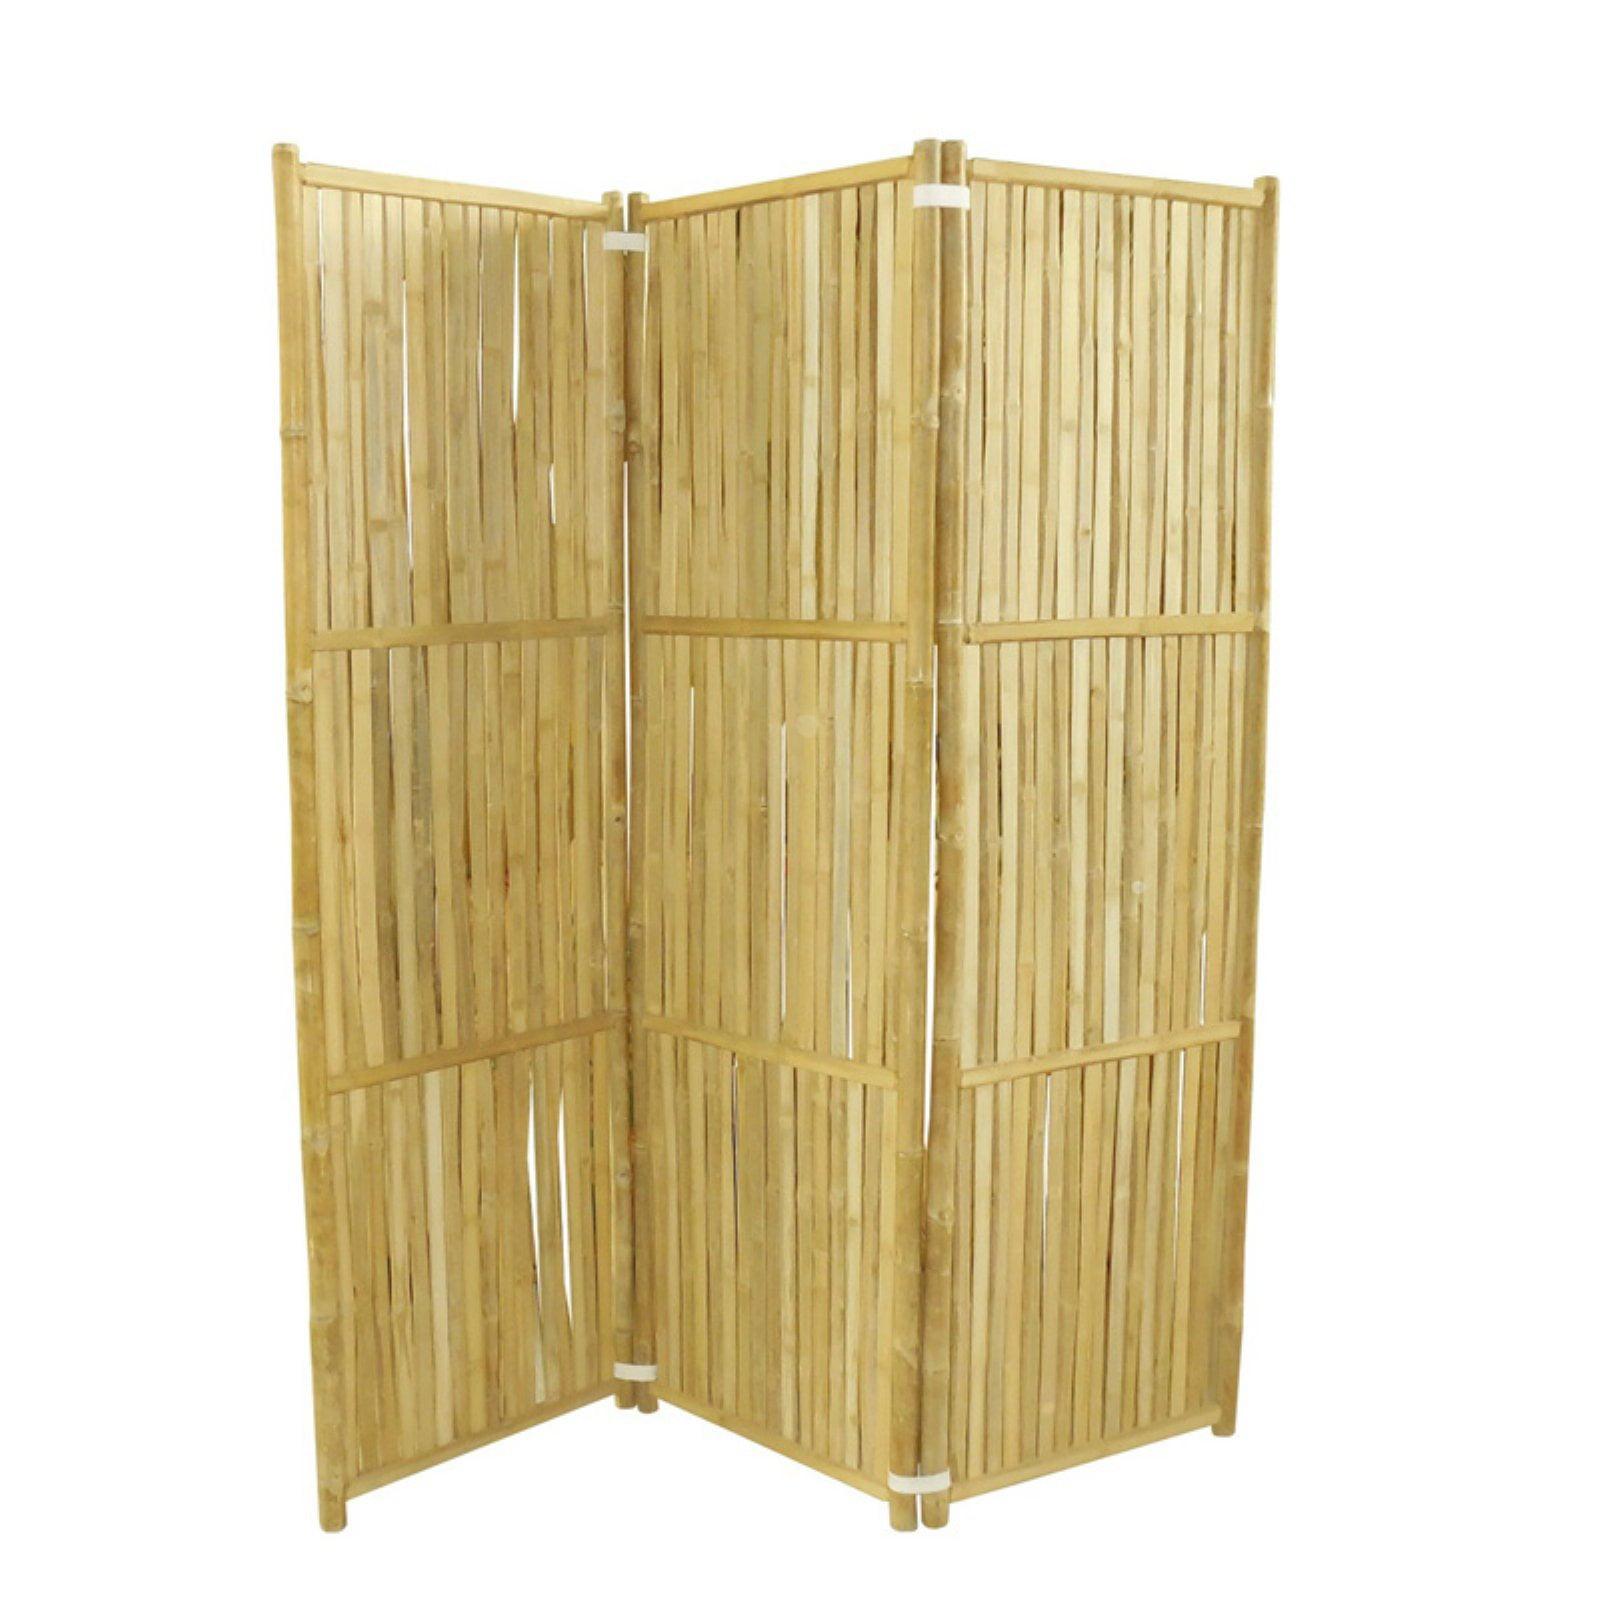 Image of: Phat Tommy 3 Panel Indoor Outdoor Bamboo Room Divider Walmart Com Walmart Com